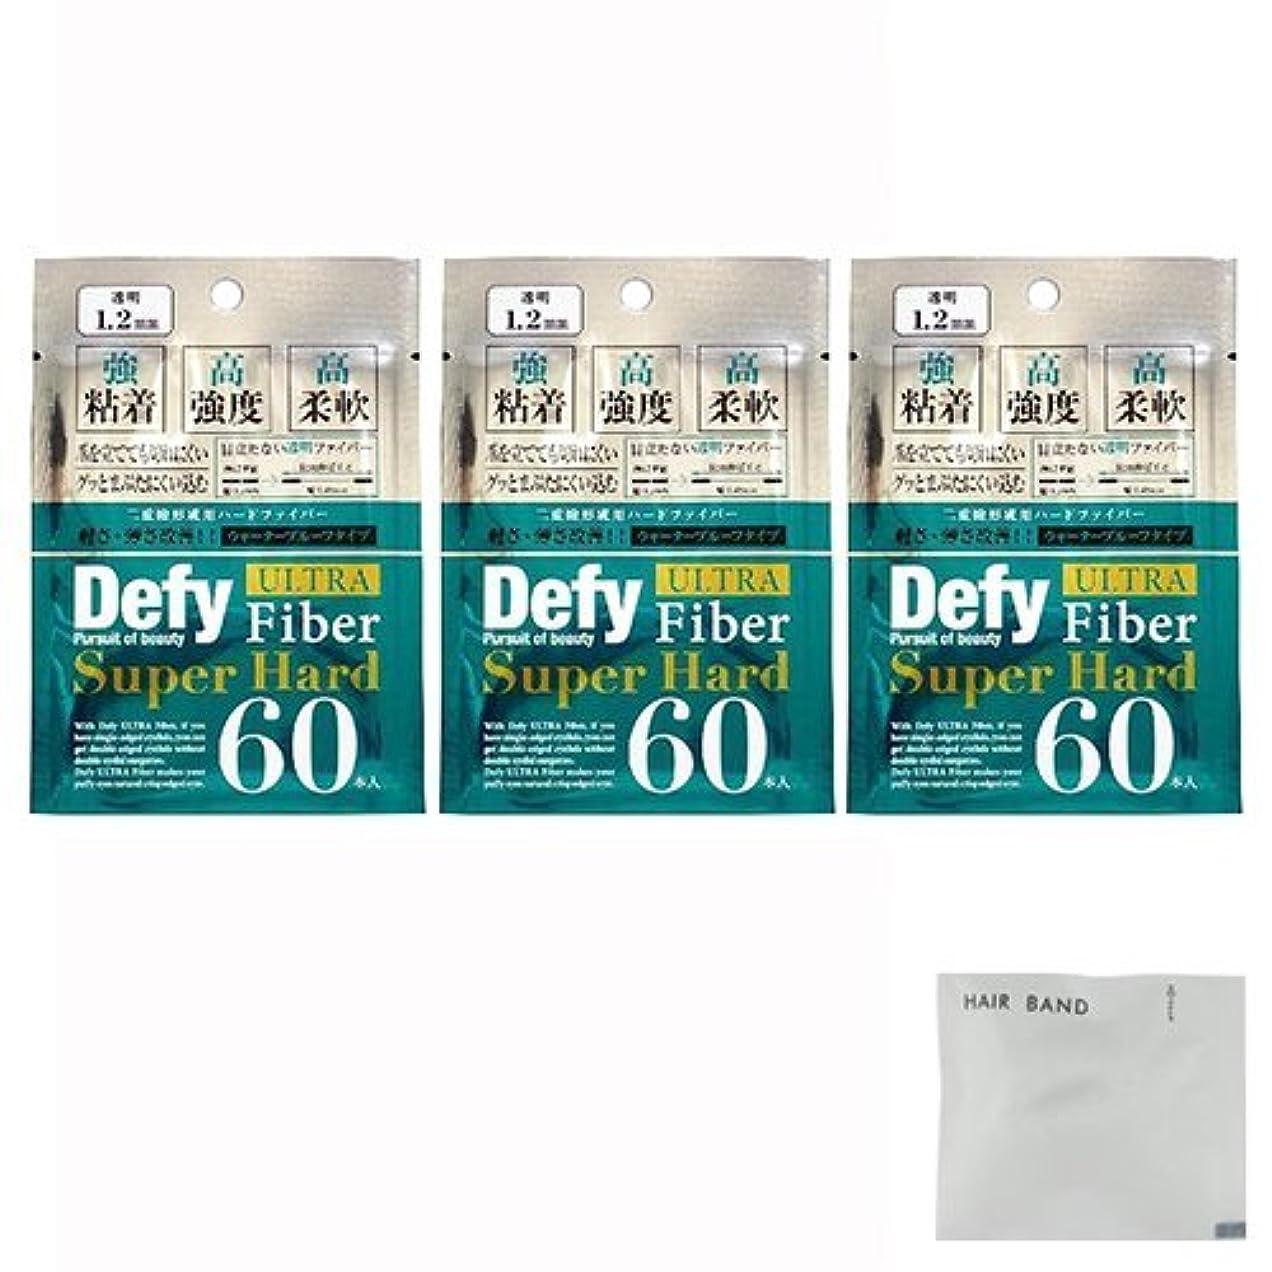 必要条件一人で宣伝Defy ウルトラファイバーⅡ スーパーハード クリア1.2mm×3個 + ヘアゴム(カラーはおまかせ)セット